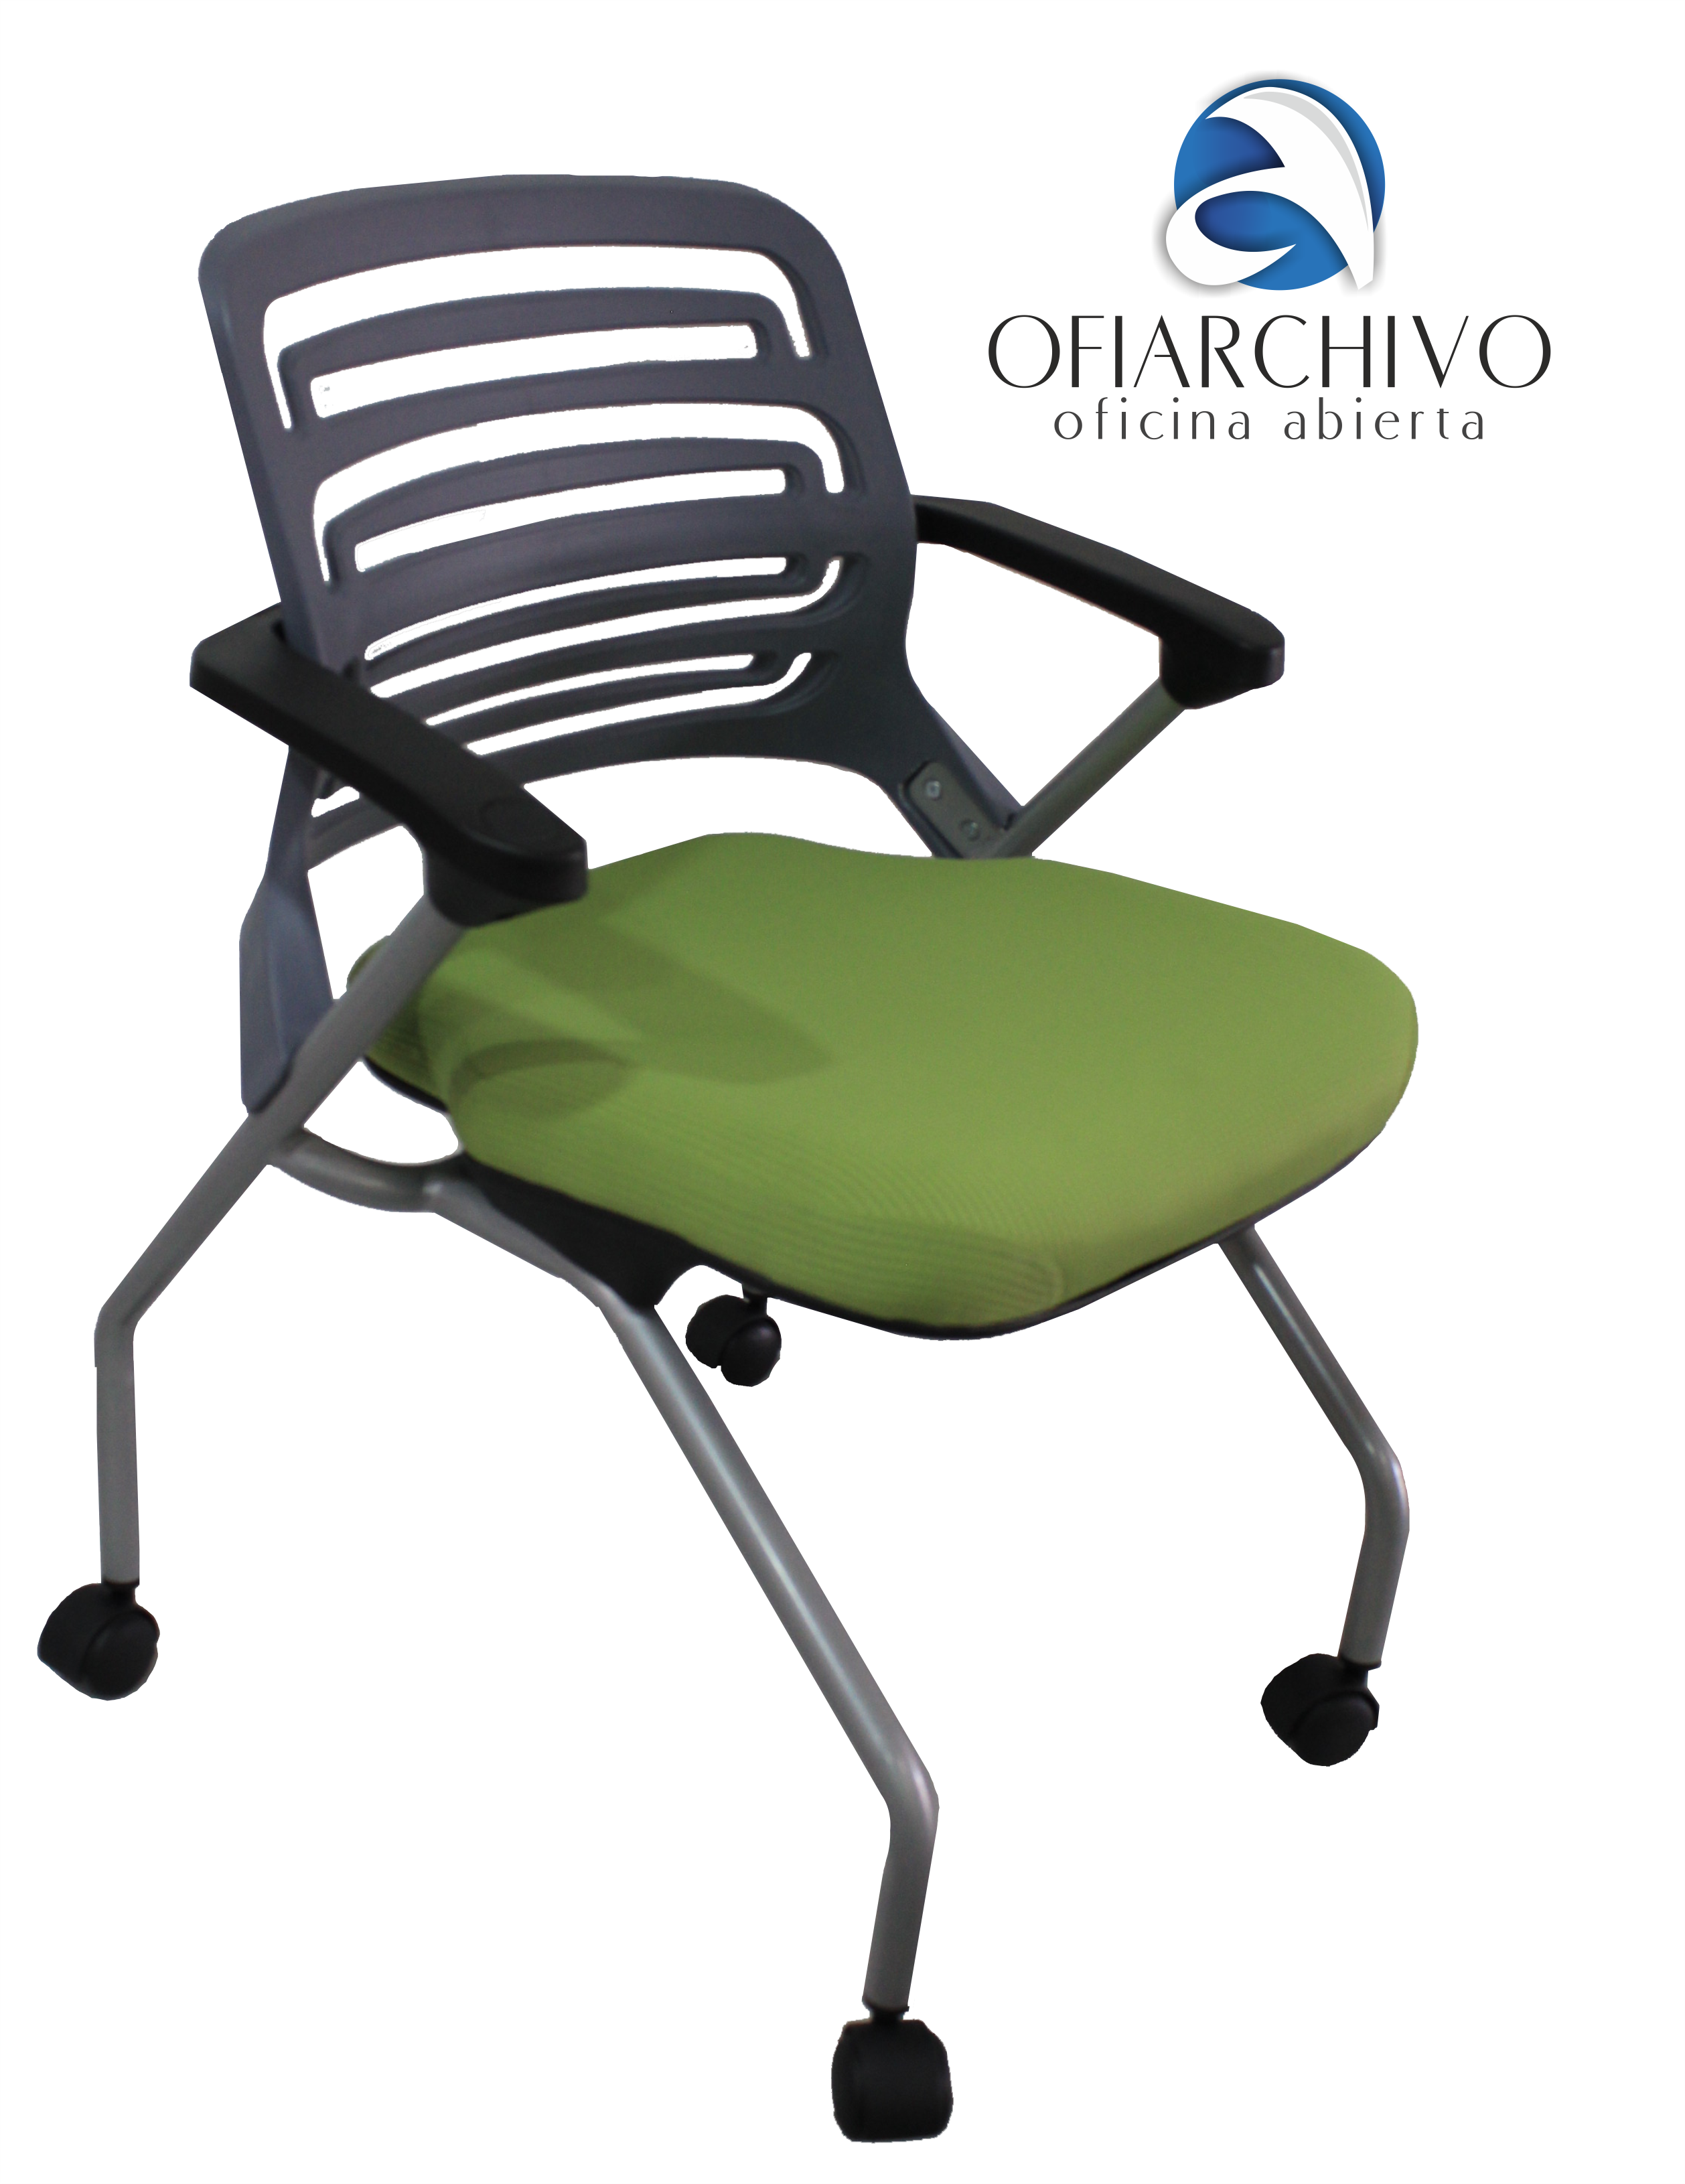 Silla interlocutora con rodachines verde sillas for Silla interlocutora